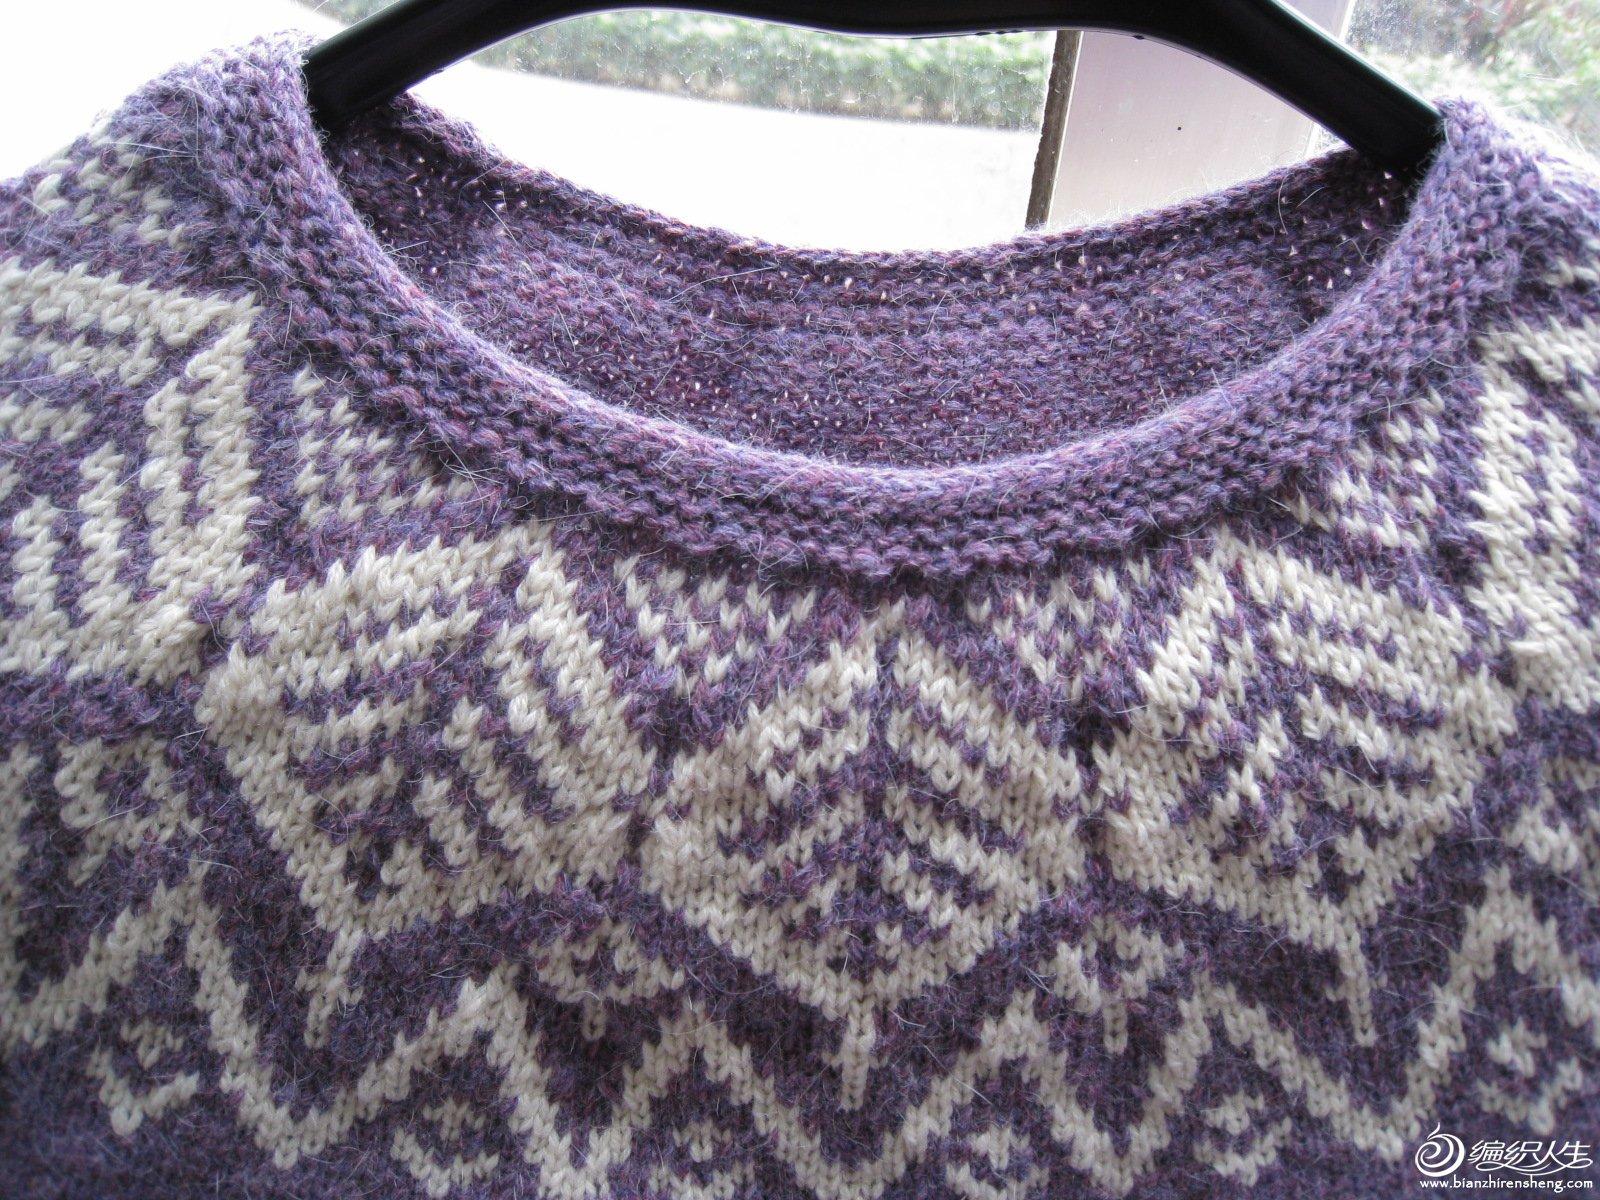 若然 毛线球8棒针从下往上织圆肩叶子提花毛衣-编织